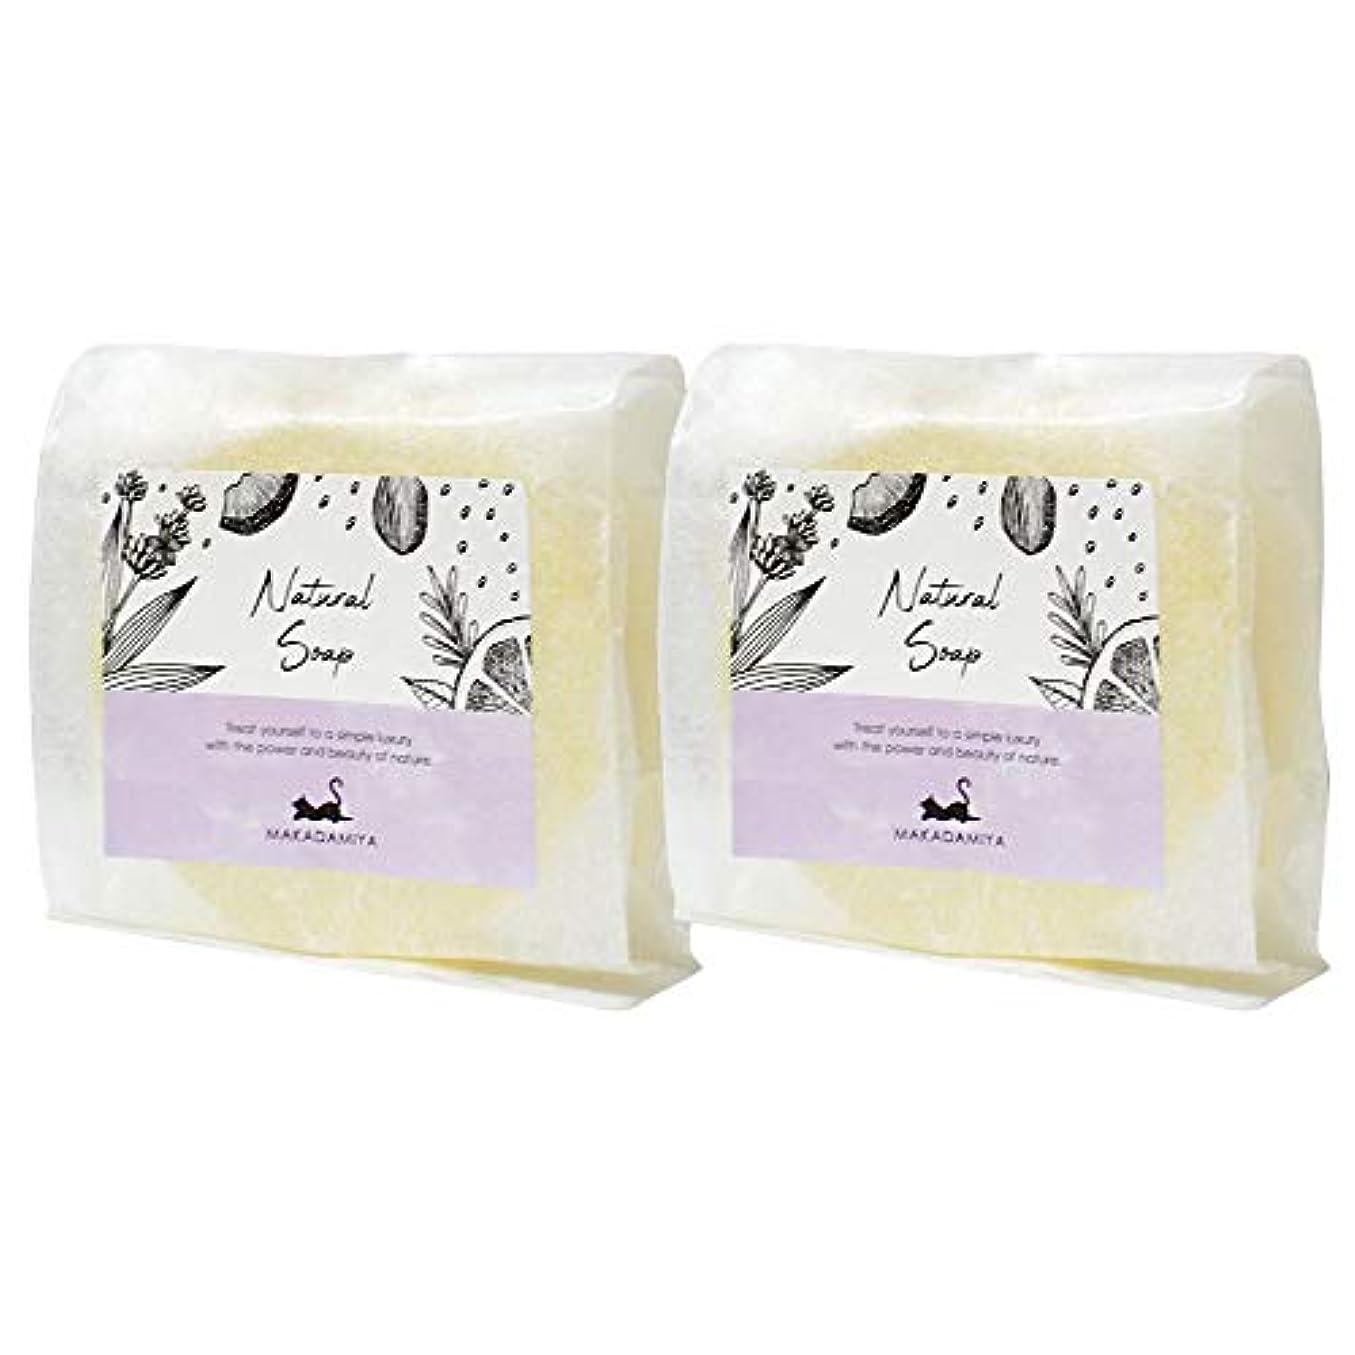 援助行為職業マカダミ屋の手作り天然石けん80g×2個セット 敏感肌用 天然アロマ香りで癒され潤う。